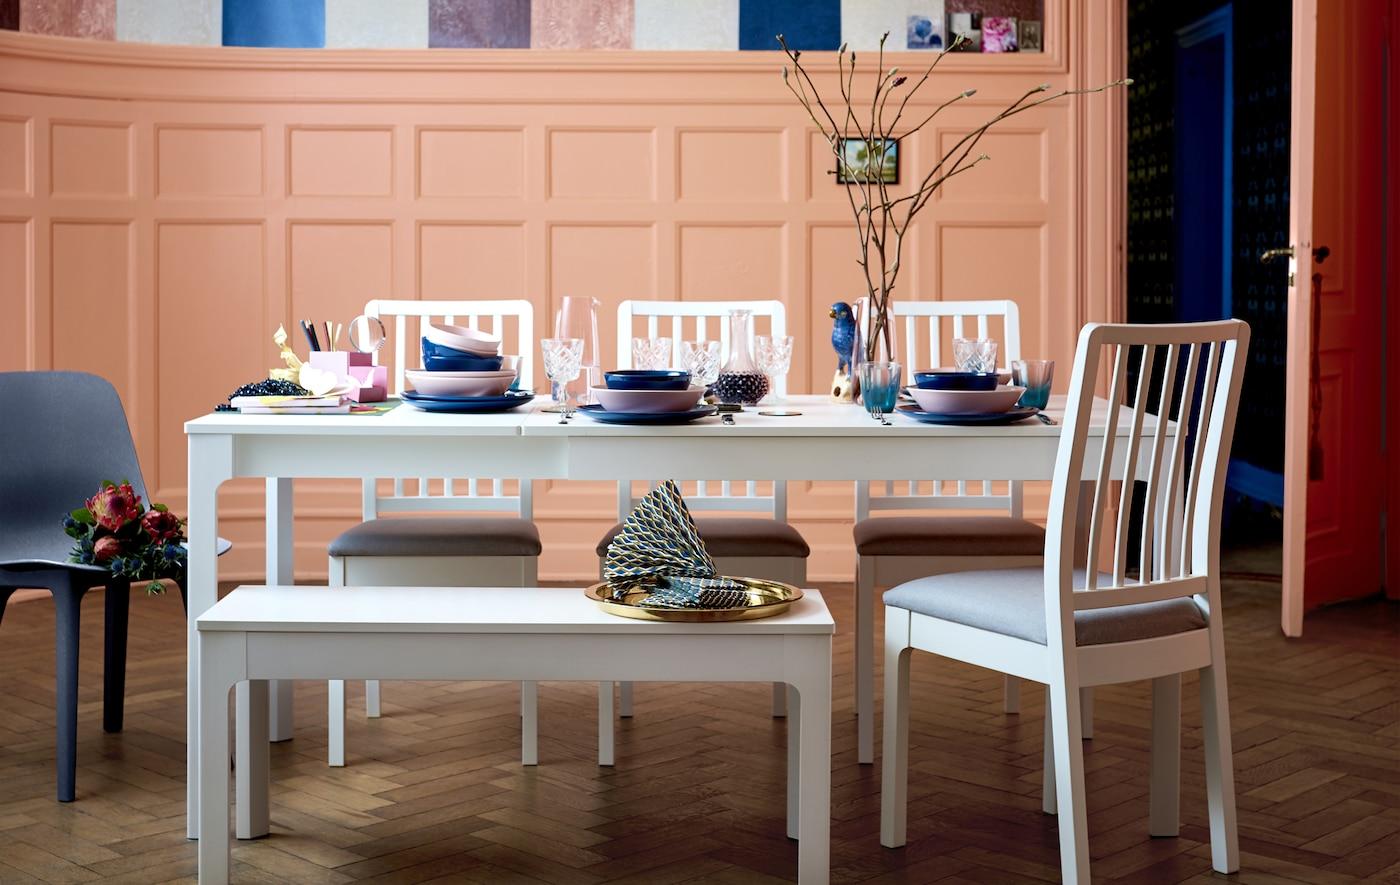 Suuri valkoinen ruokapöytä, ruokapöydän tuolit ja penkki sekä värikäs kattaus.